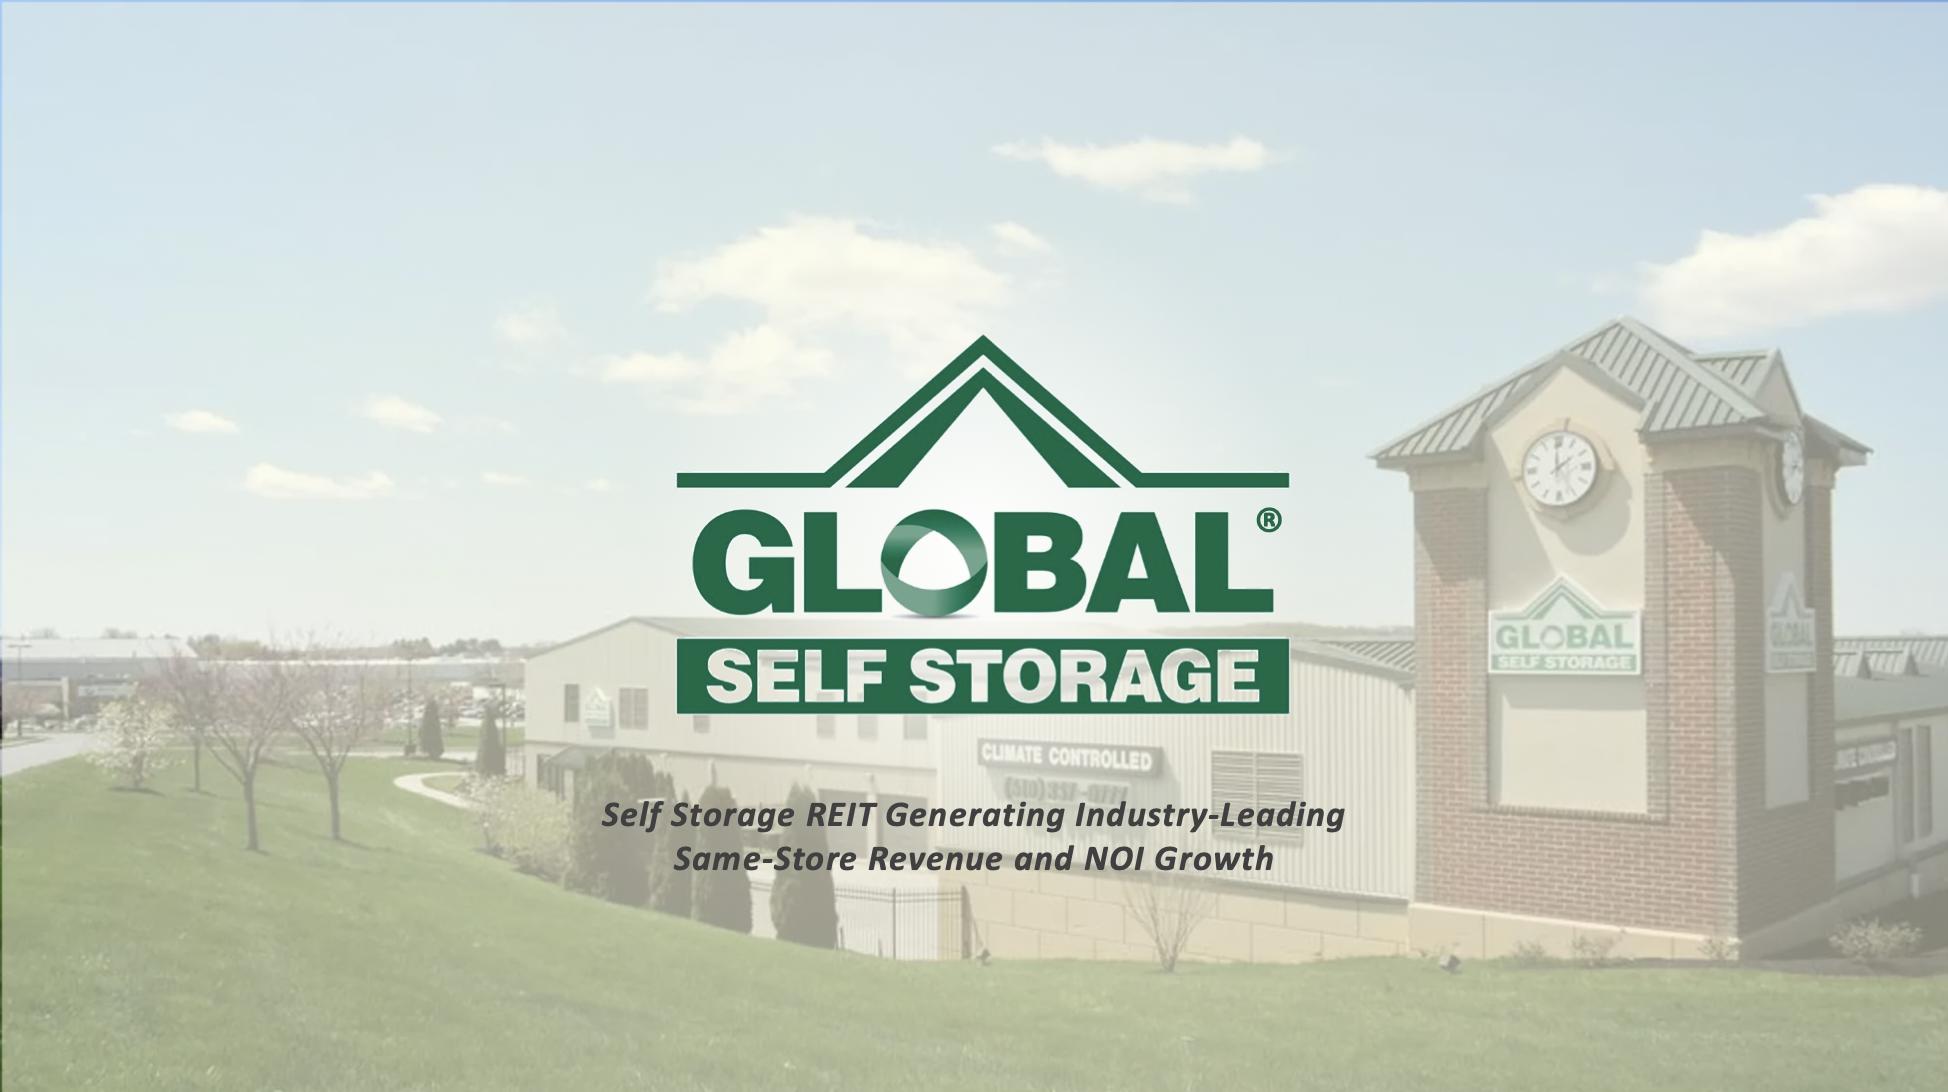 Globe Self Storage (Nasdaq:SELF)